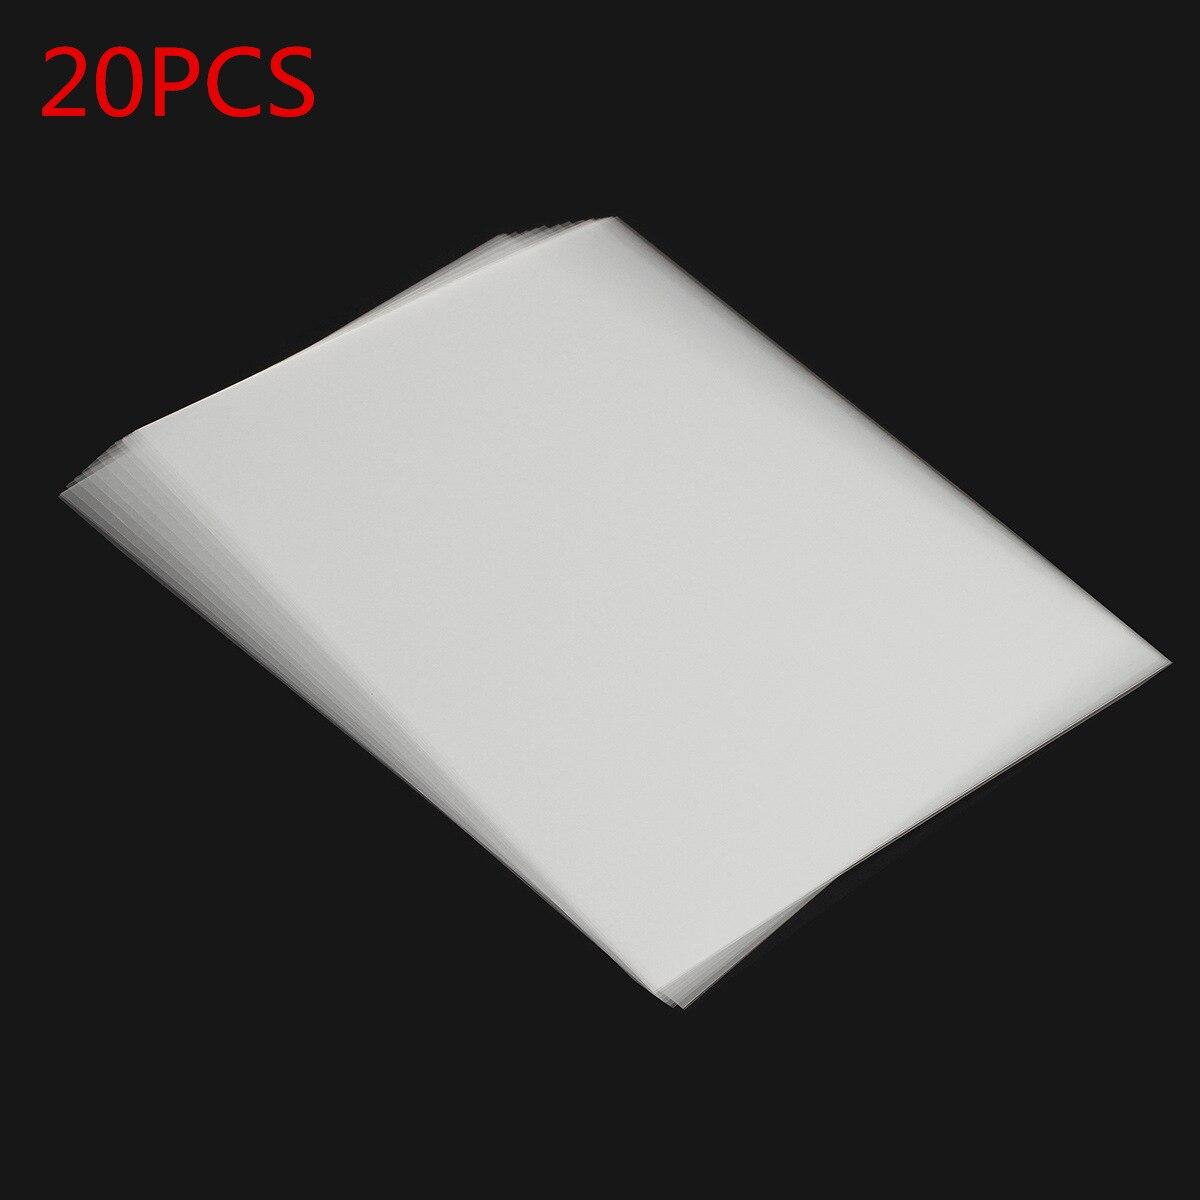 Прозрачная пленка для струйной печати на 20 листов, печатная плата, проектированная струйная пленка, сохраняет толщину чернил 0,12 мм